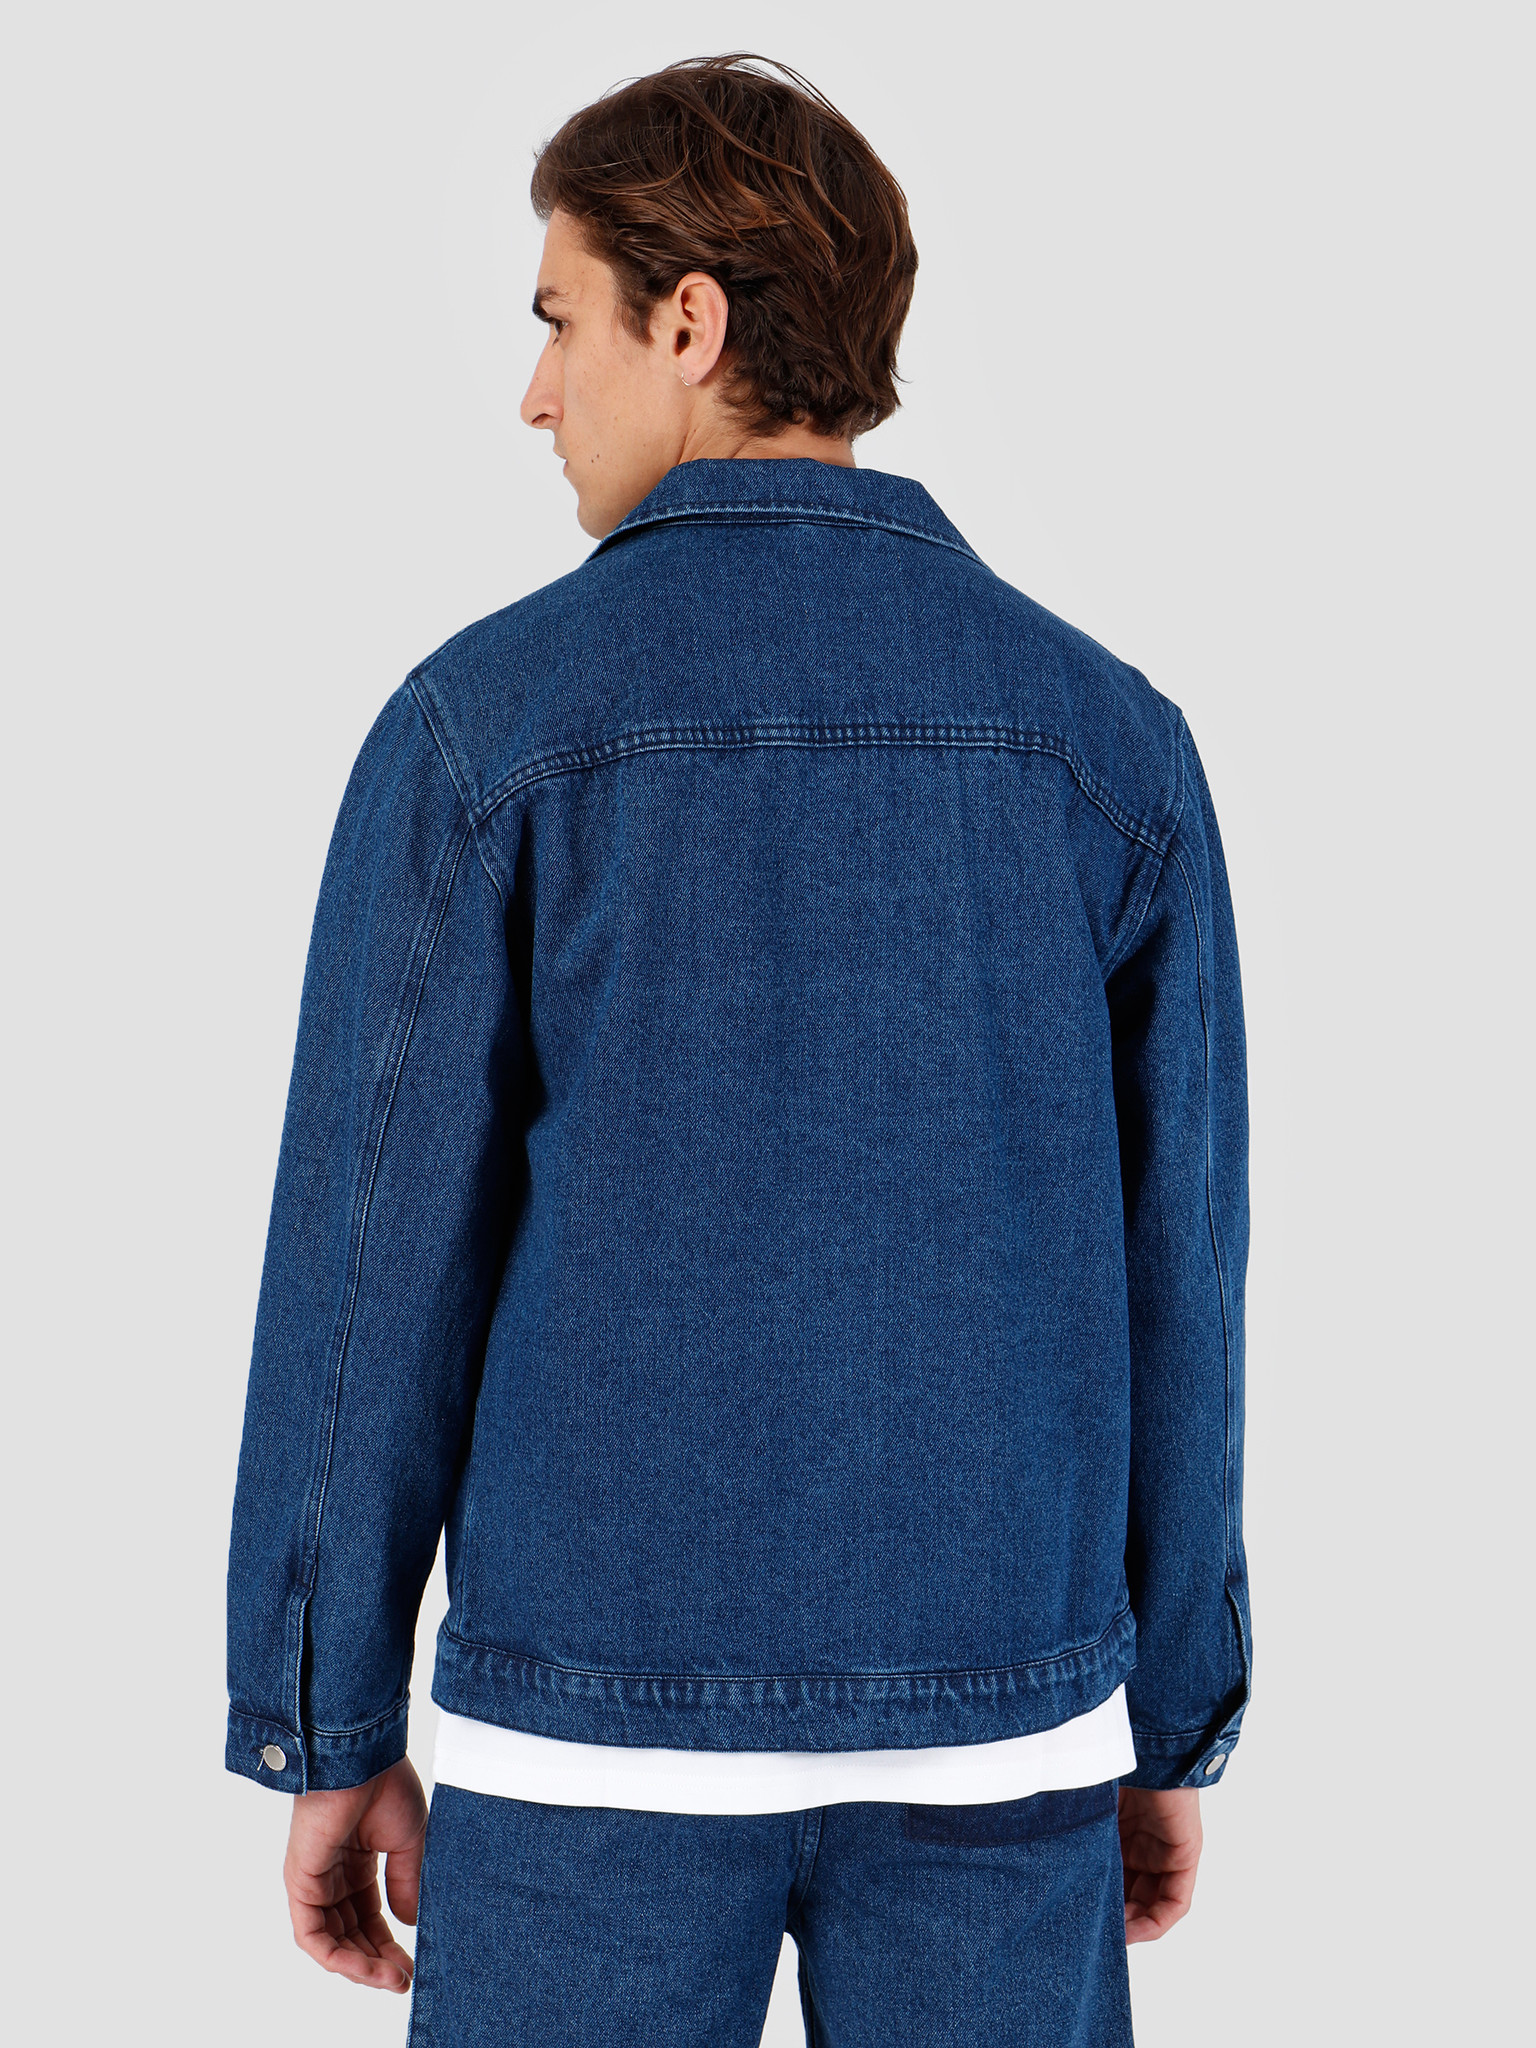 Arte Antwerp Arte Antwerp Jul Denim Blue Jacket 3757862